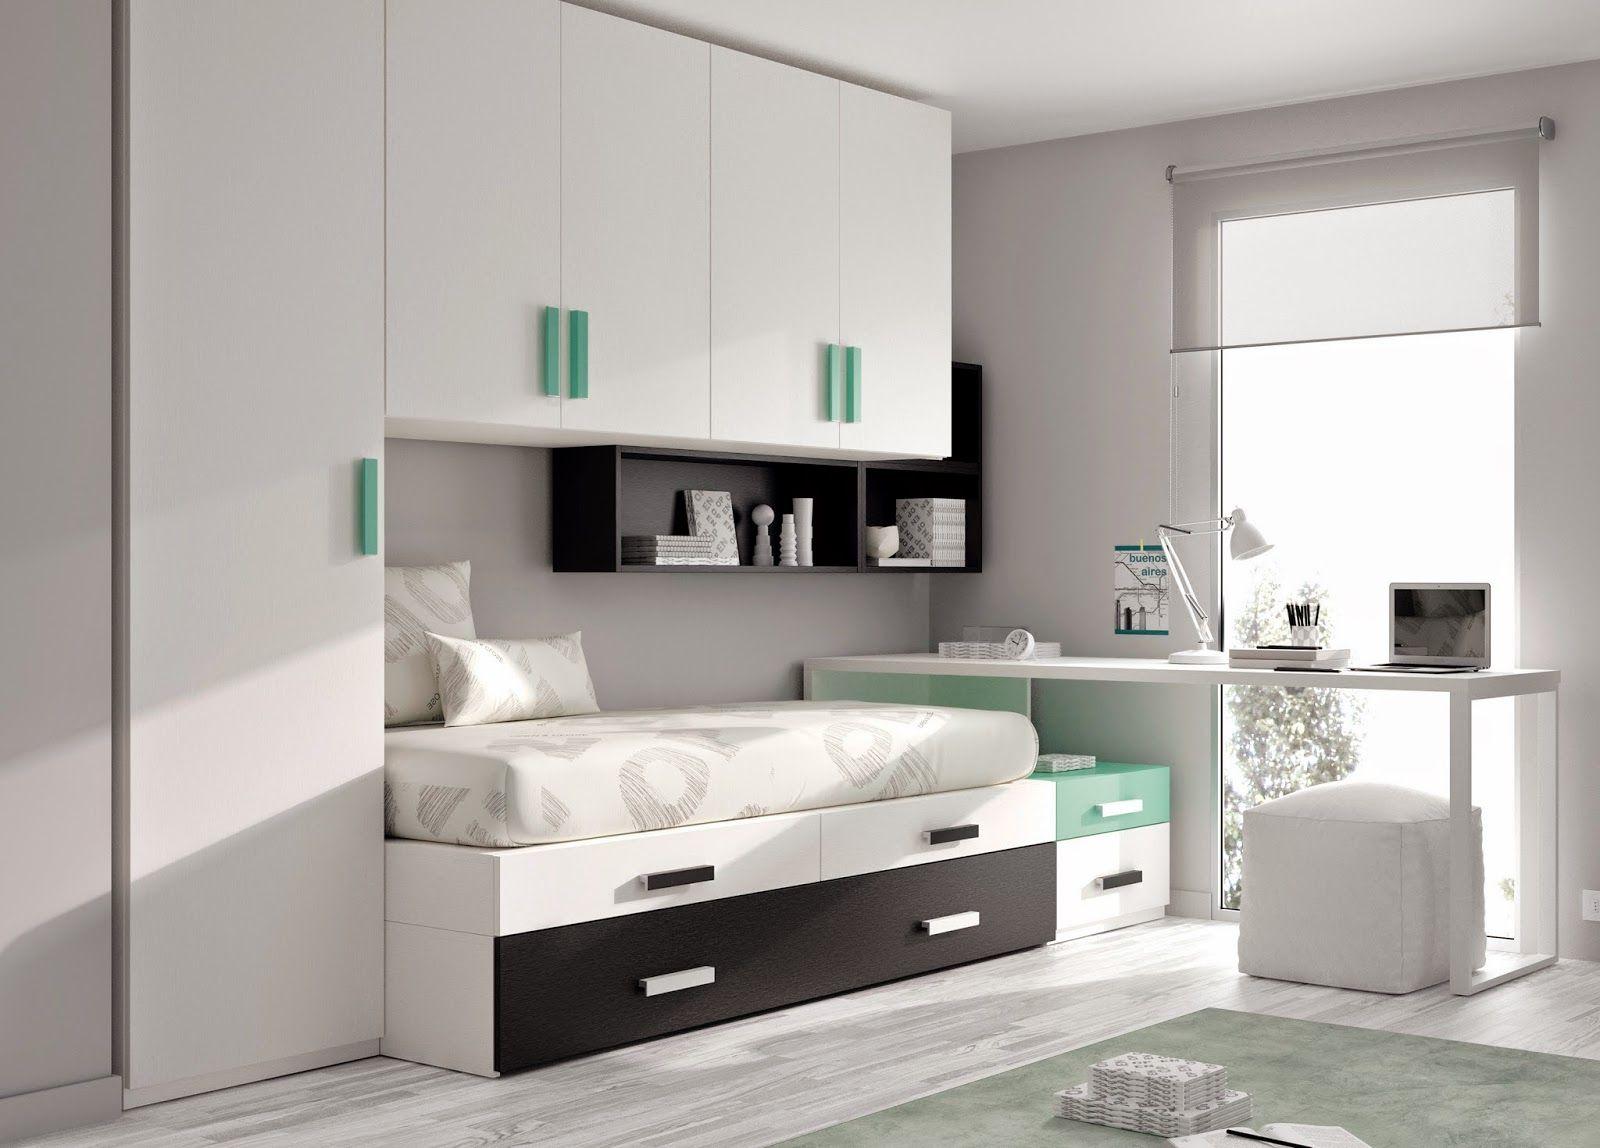 Dormitorios de muebles ros la casa de los ni os for Muebles infantiles ros